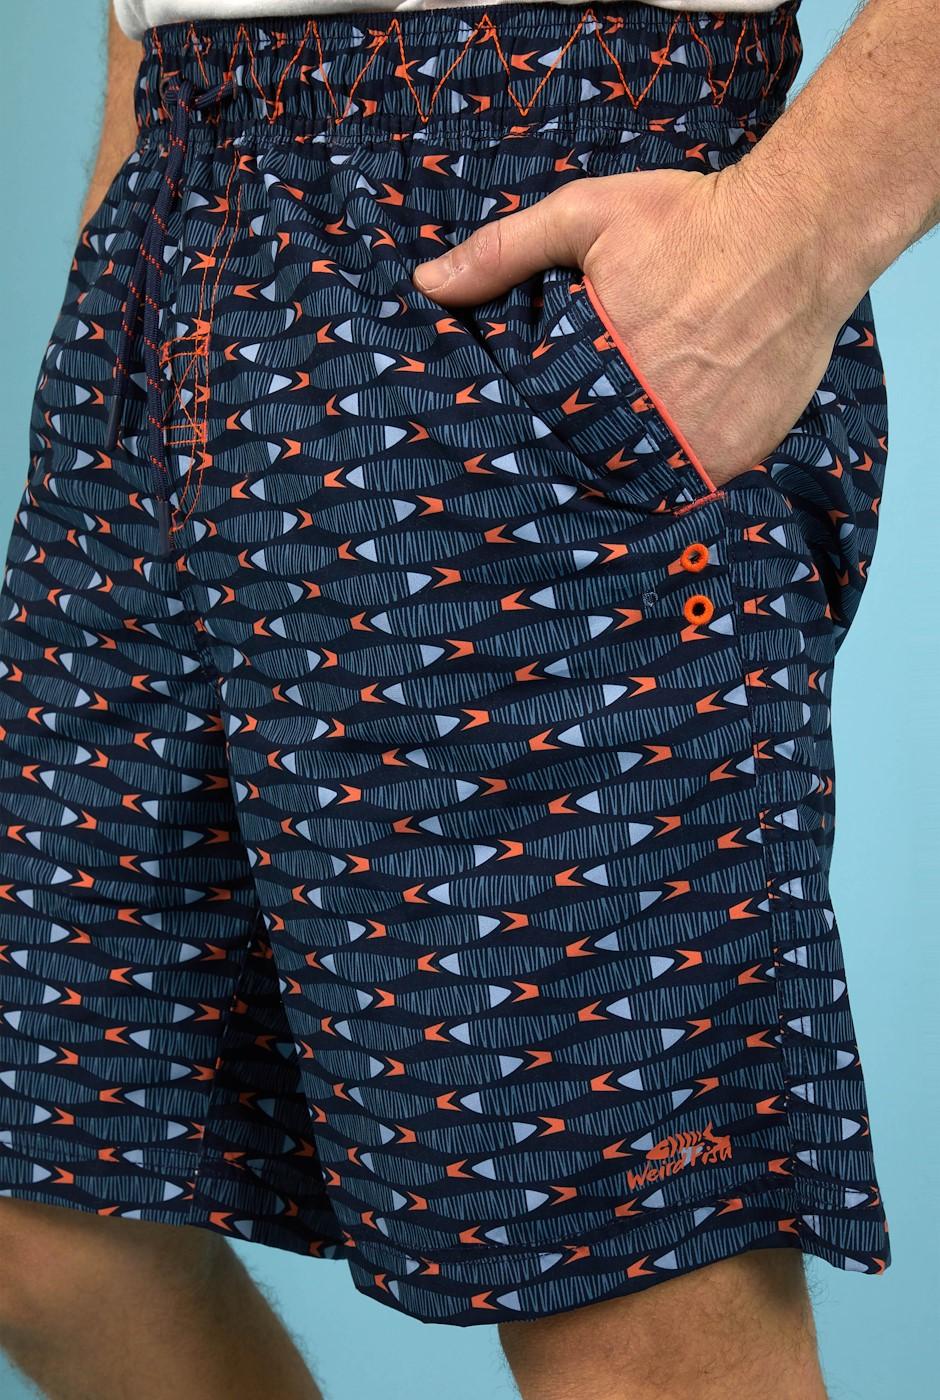 Fishbone Printed Board Shorts Navy